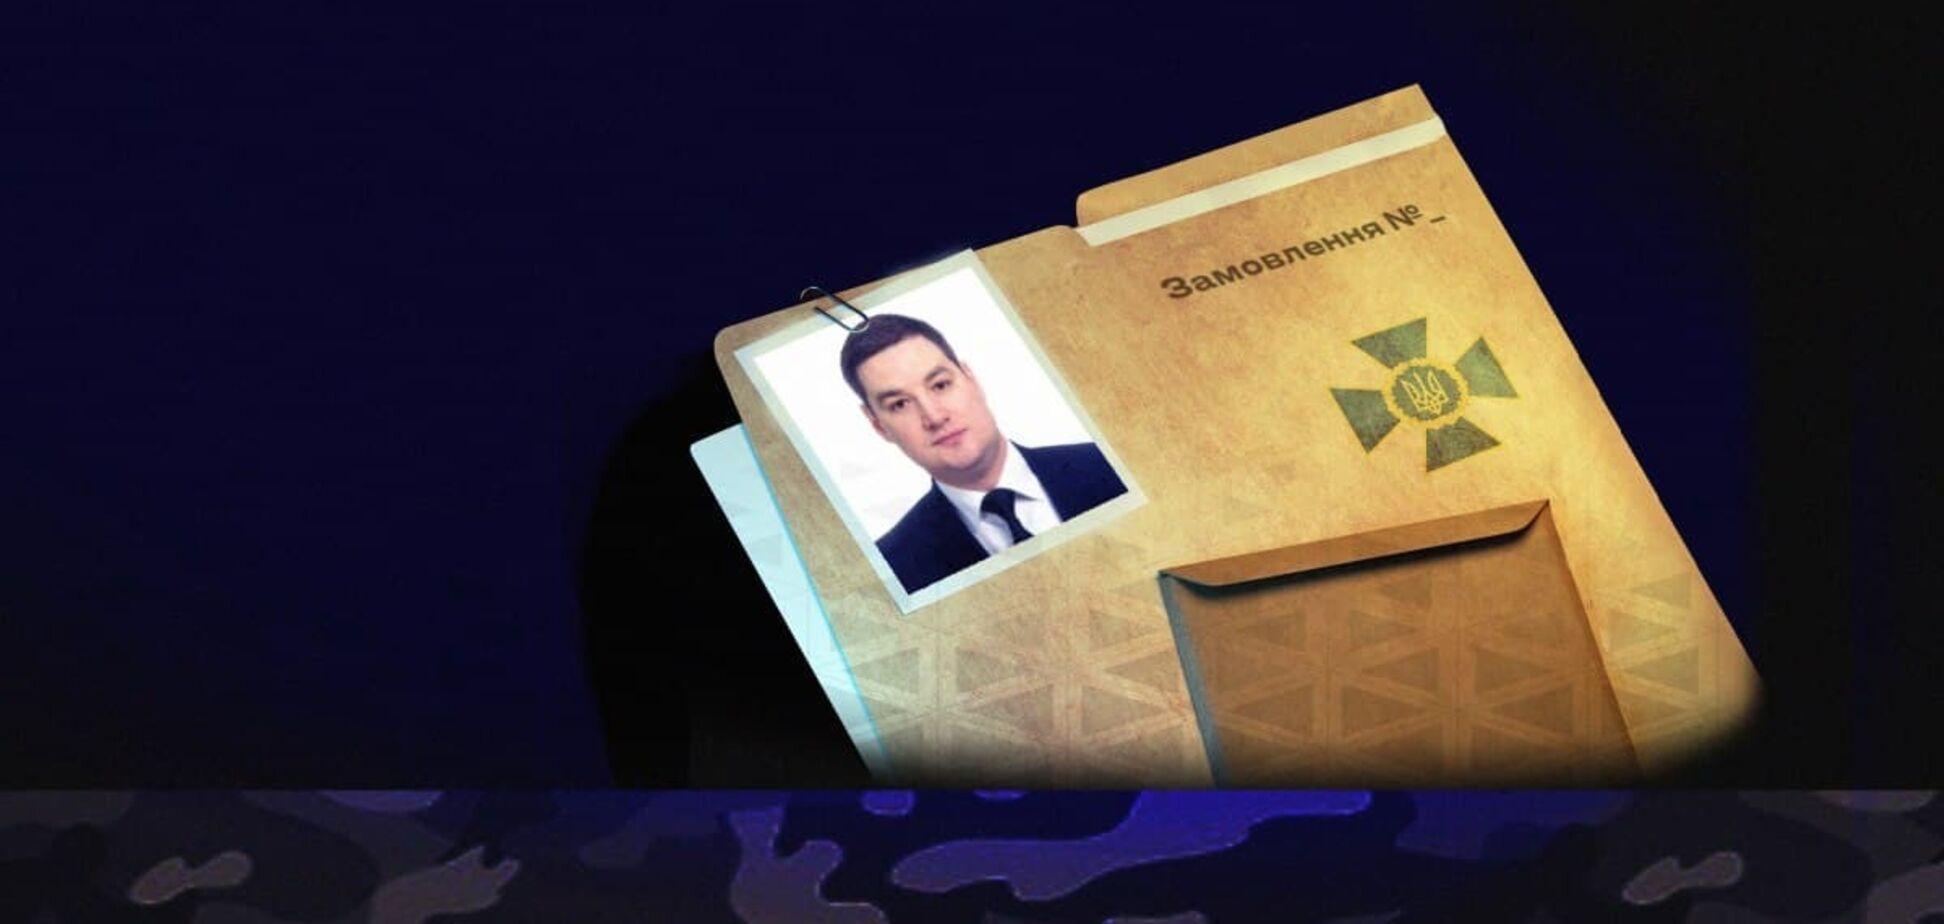 Нескоромный подозревается в заказе убийства генерала СБУ